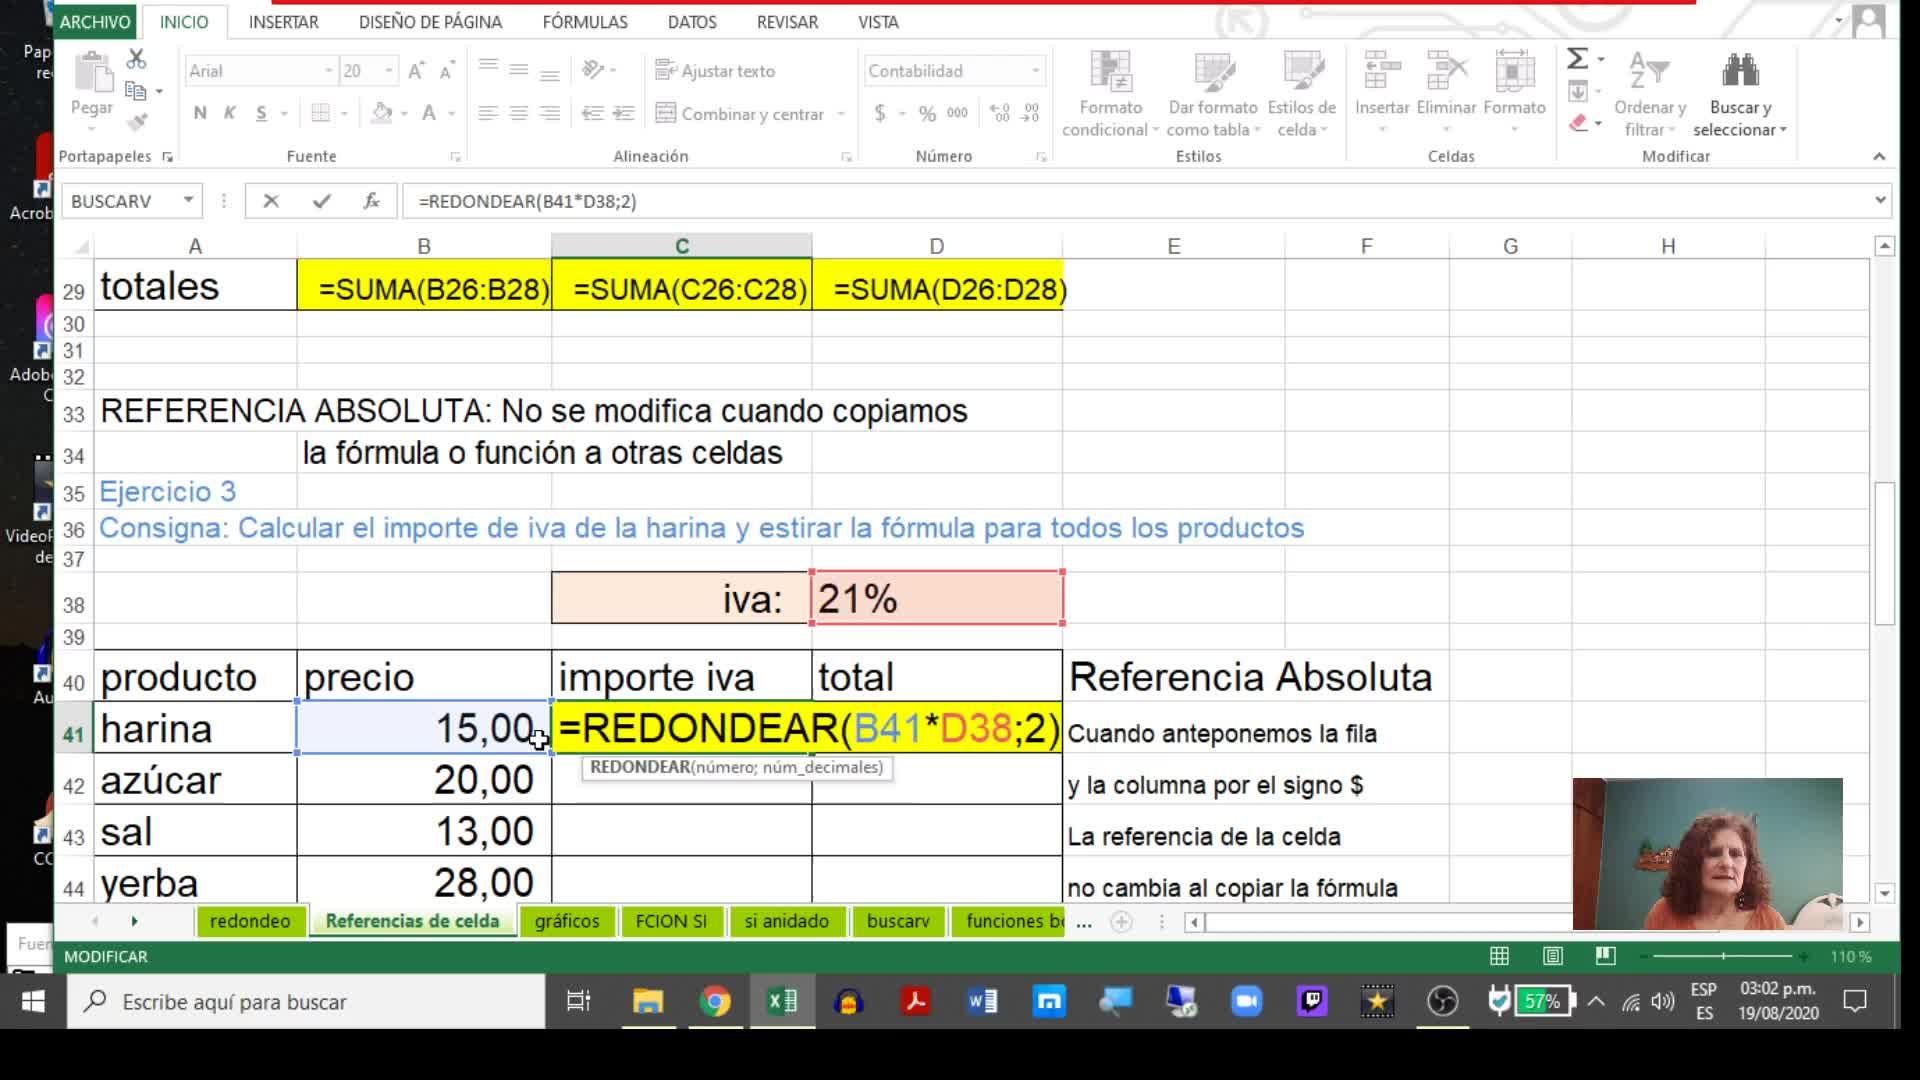 Excel 1_Función Redondear, Gráficos y Referencias